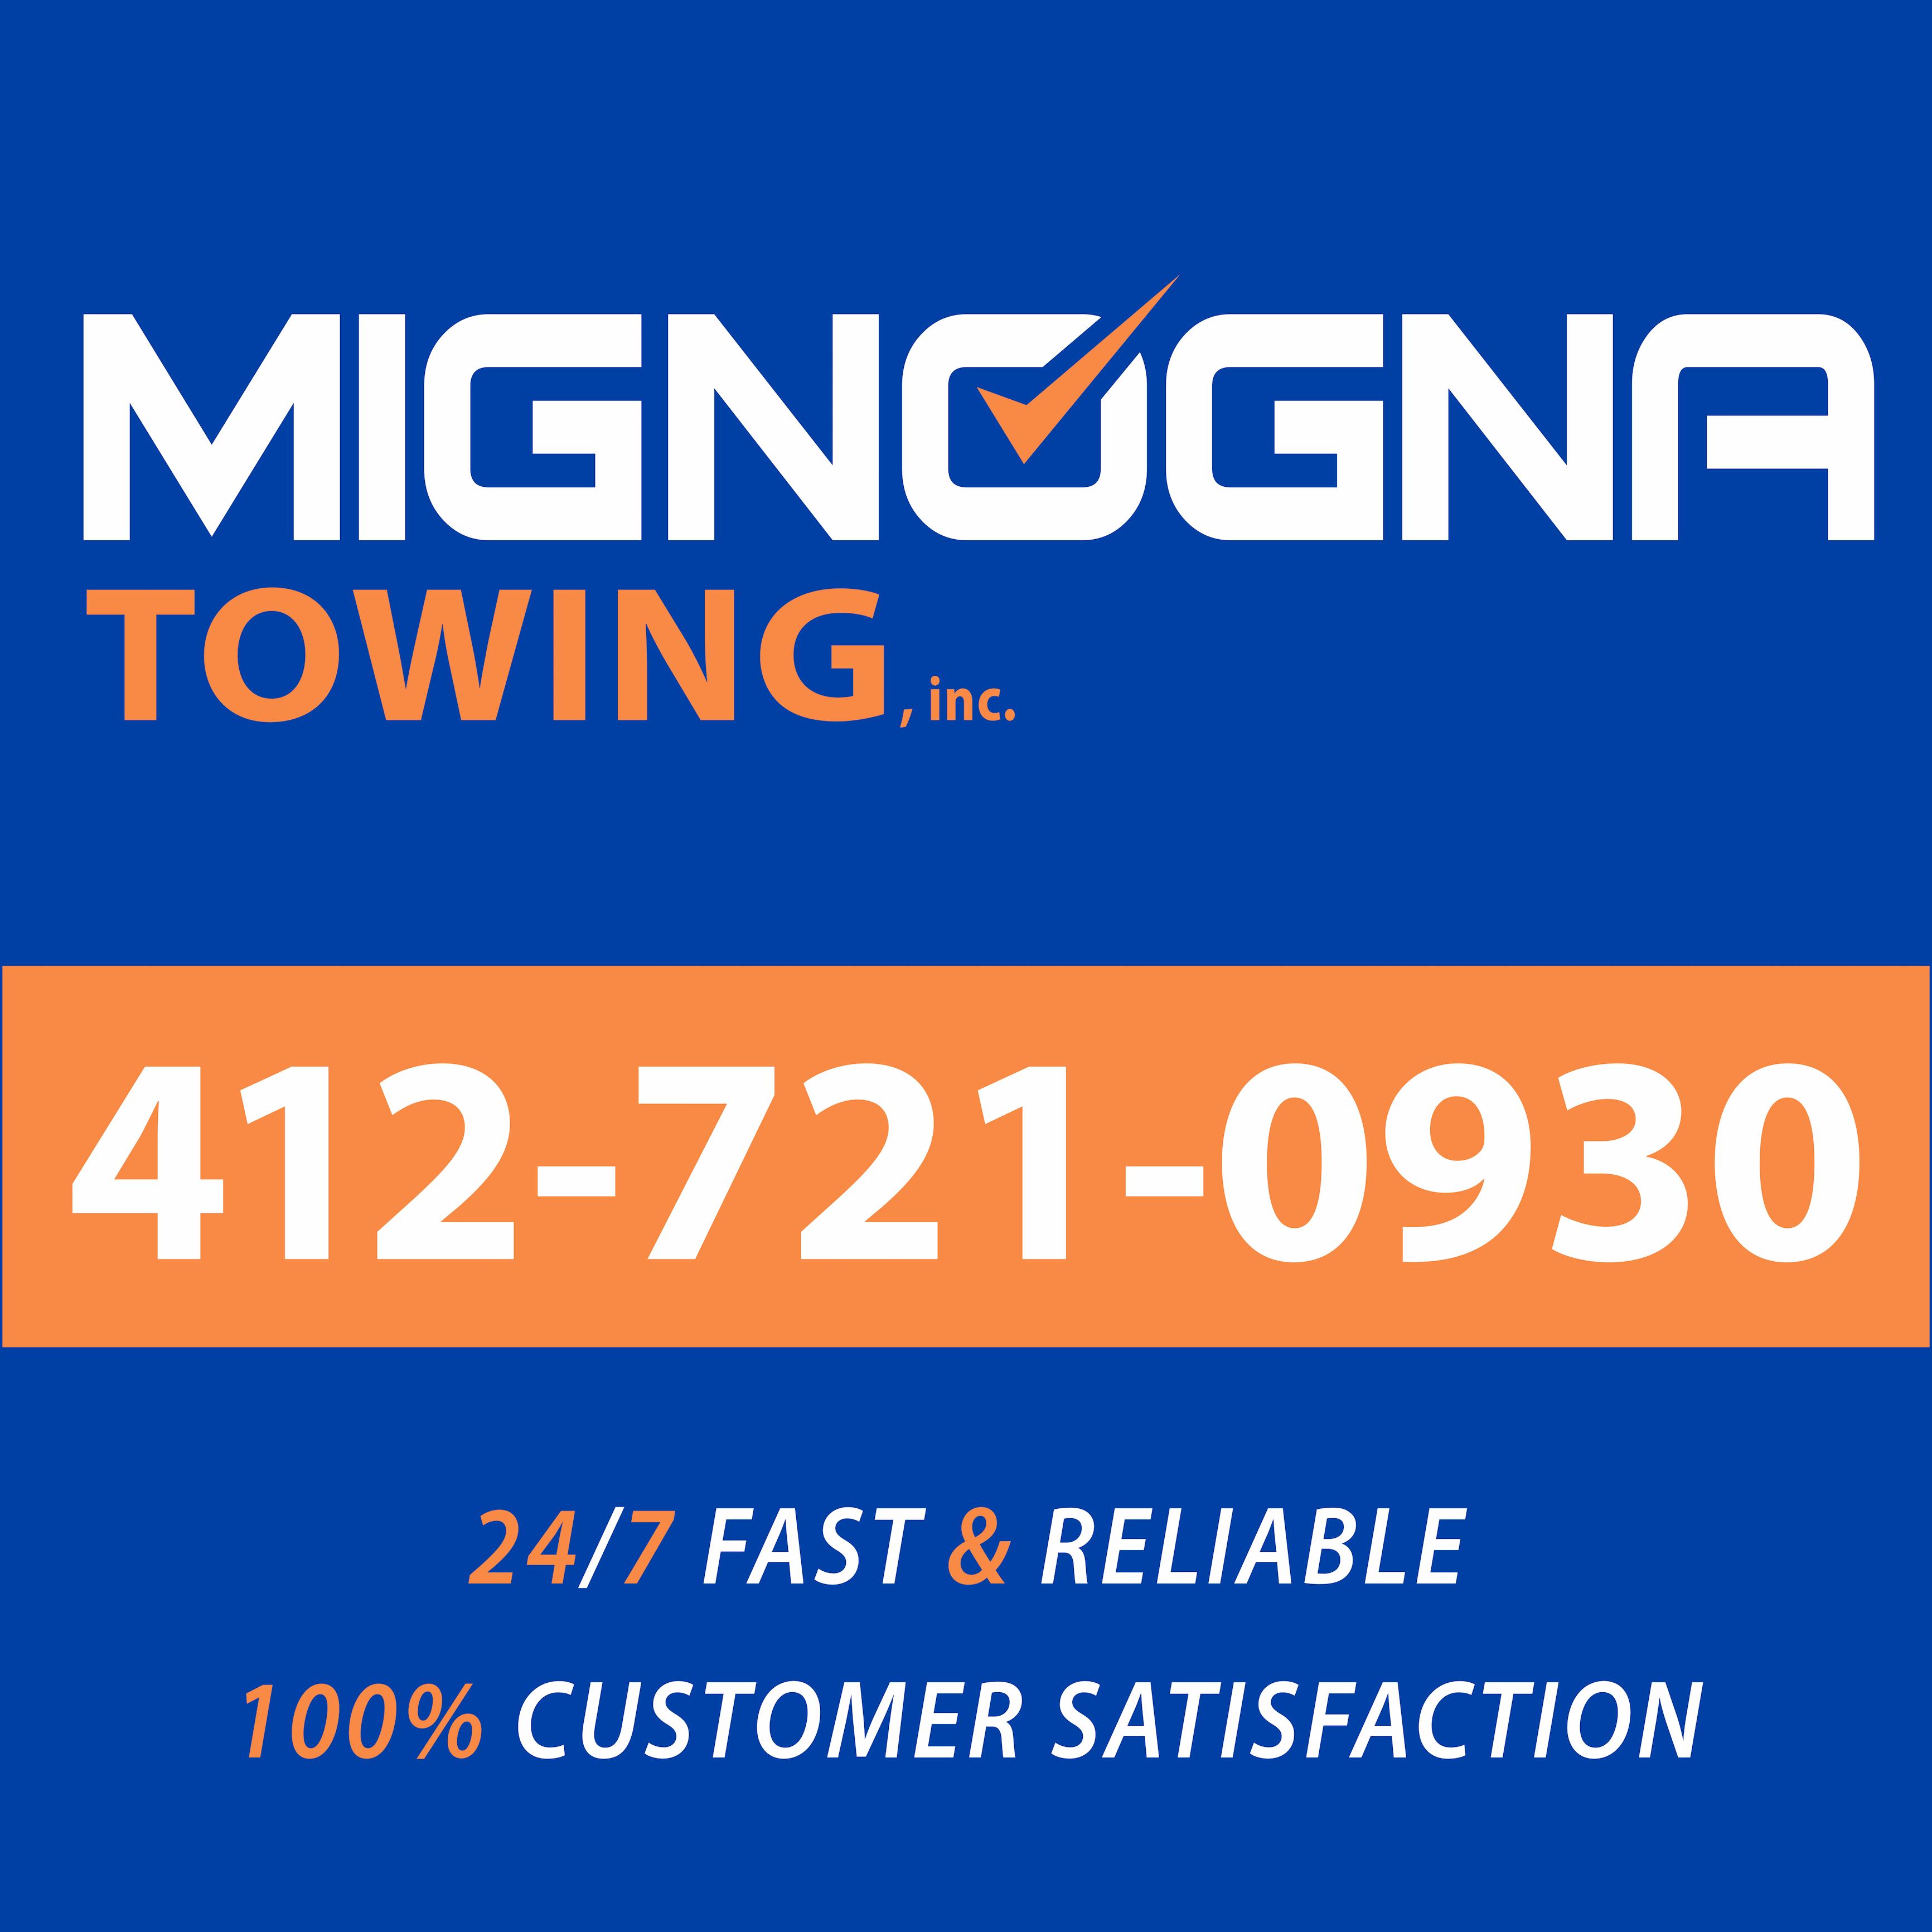 Mignogna Towing, Inc.